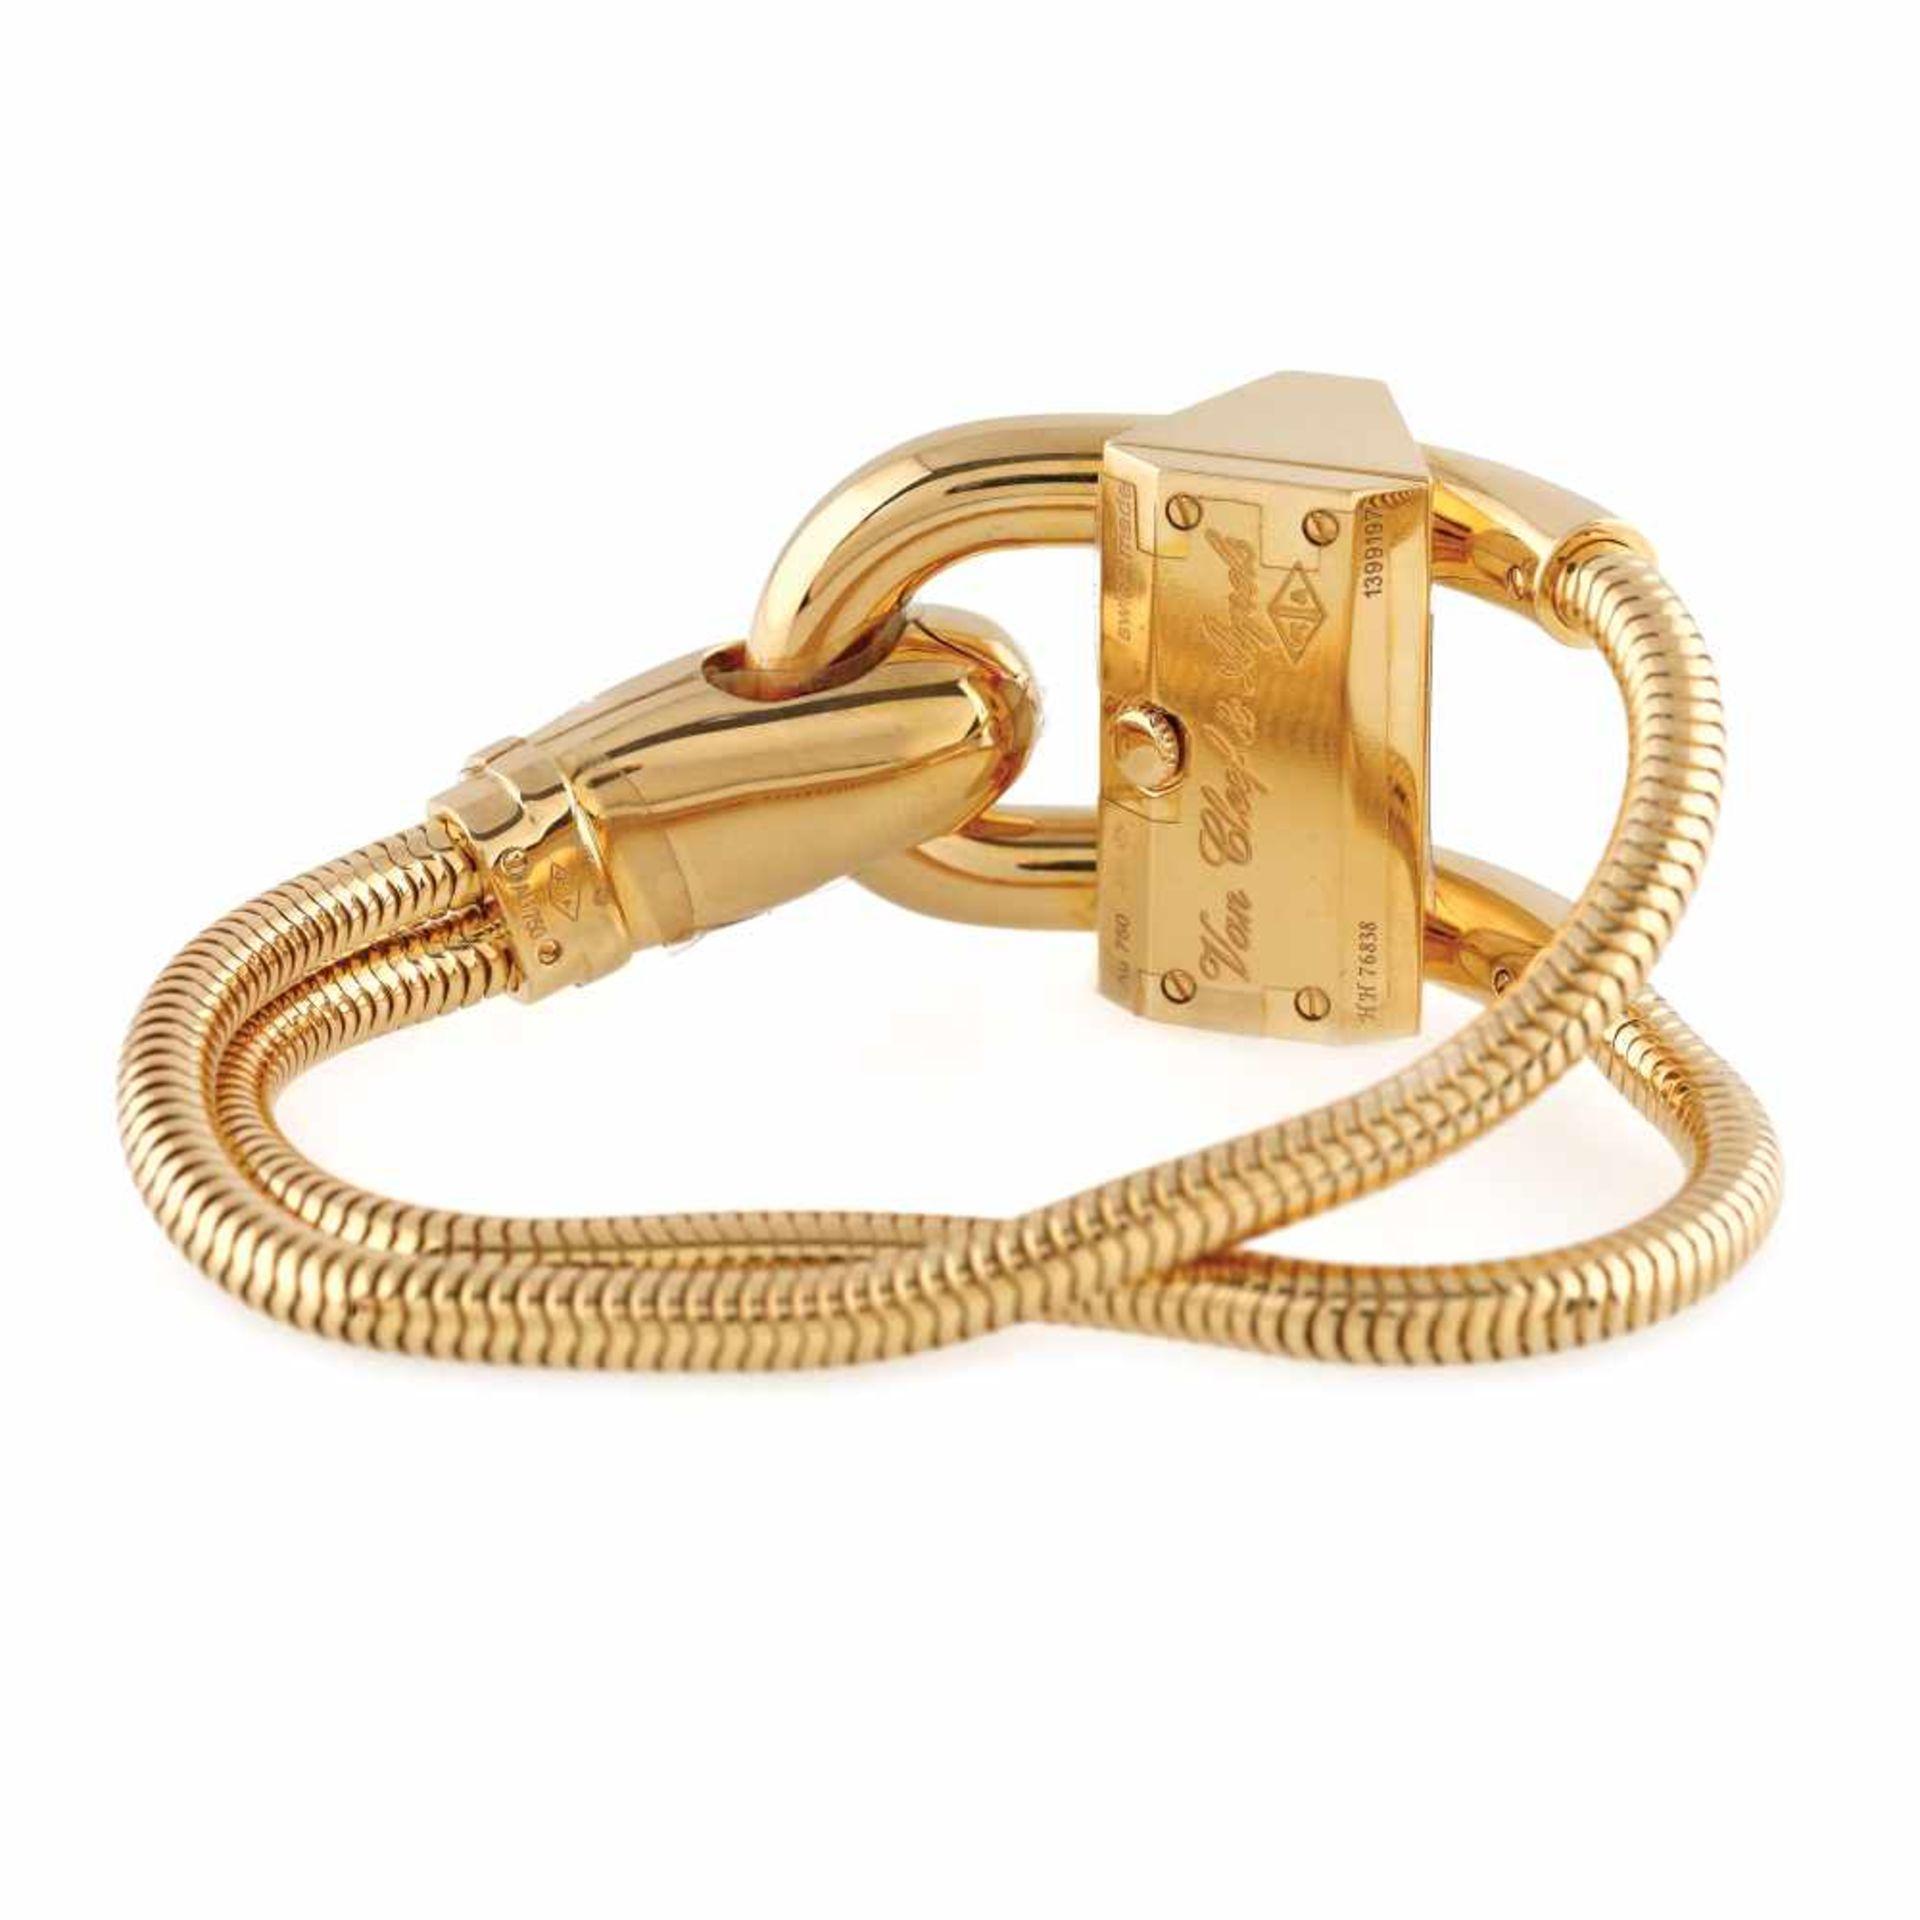 Van Cleef & Arpels Cadenas bracelet watch, gold, women - Bild 4 aus 5